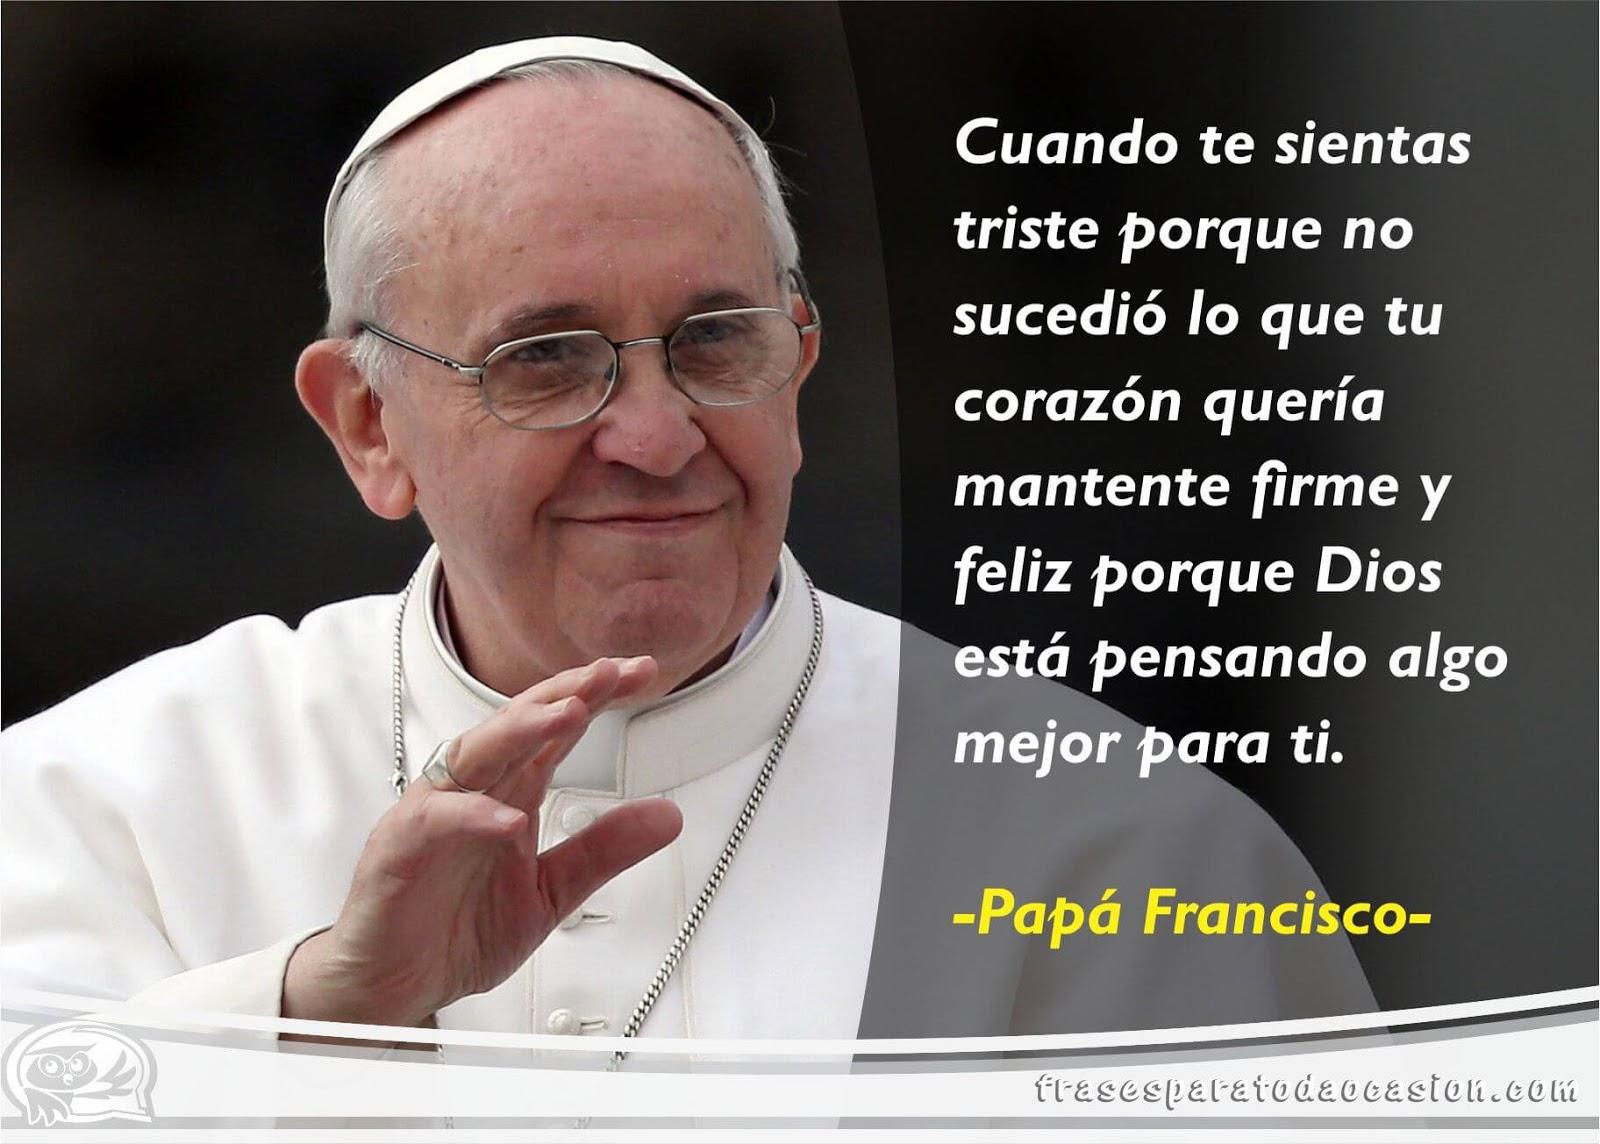 El Papa Francisco Su Mensaje Está Lleno De ética Y Amor